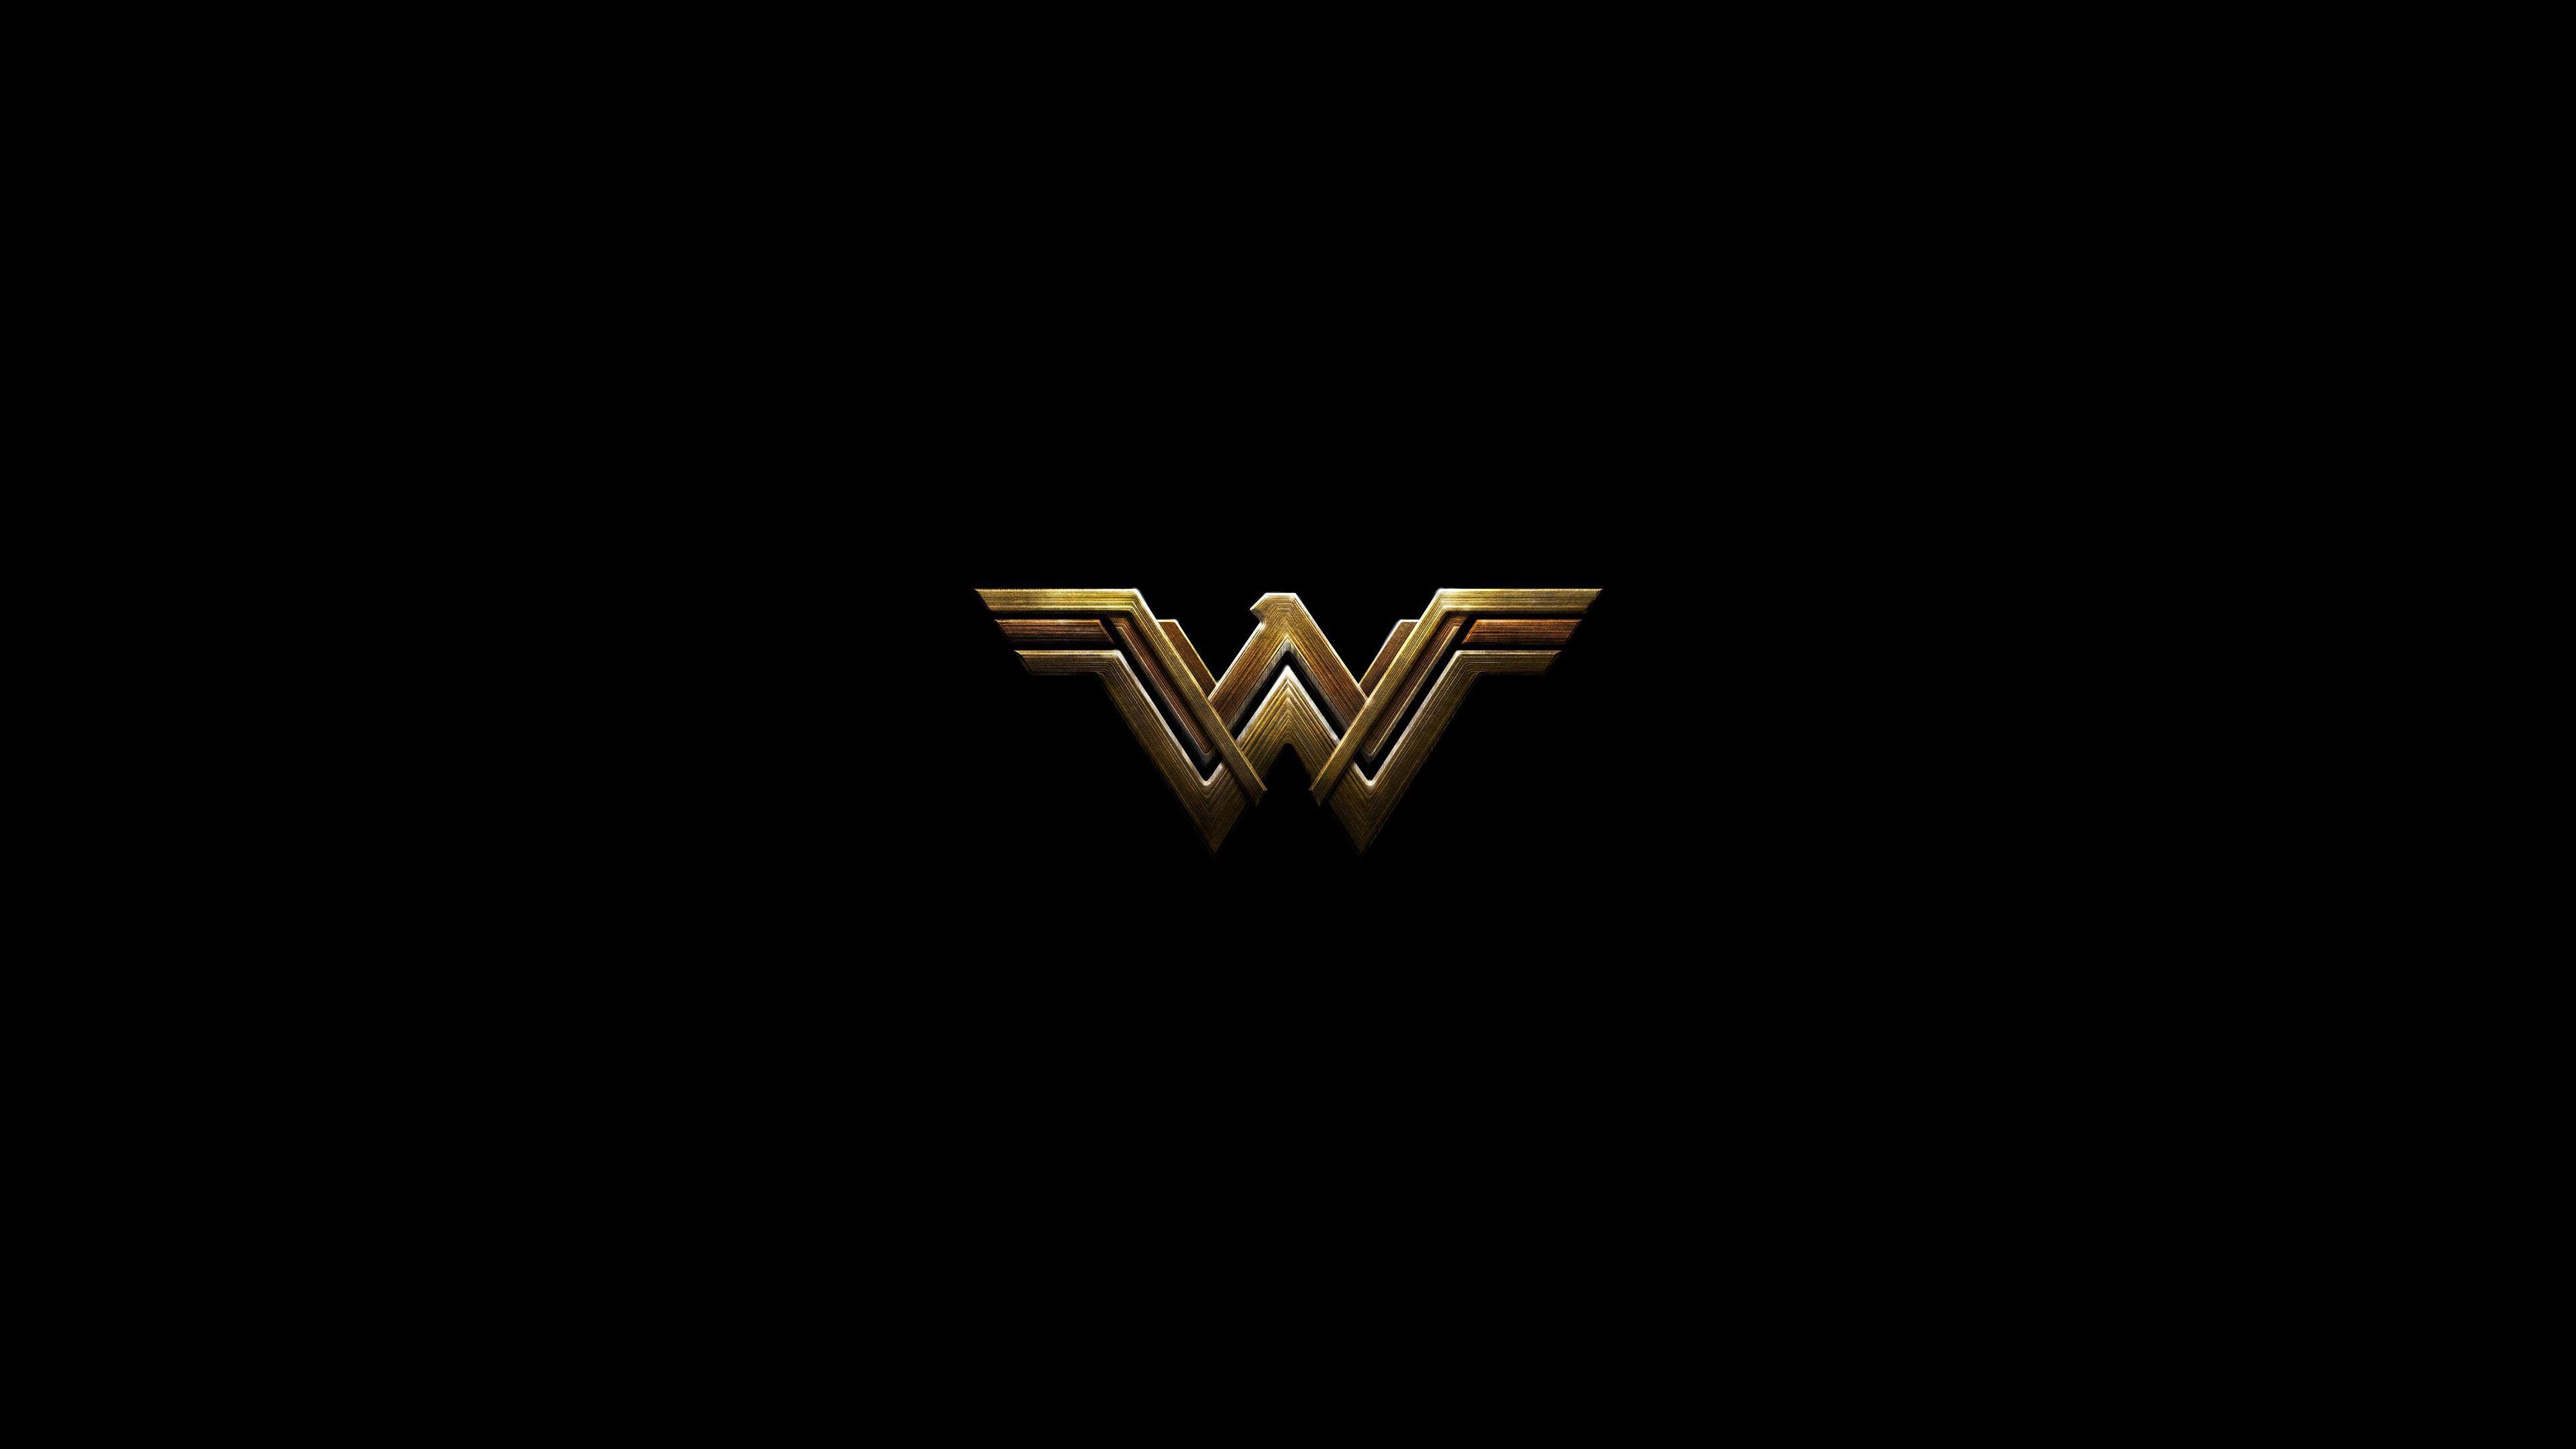 Wonder woman dark minimal logo wallpaper